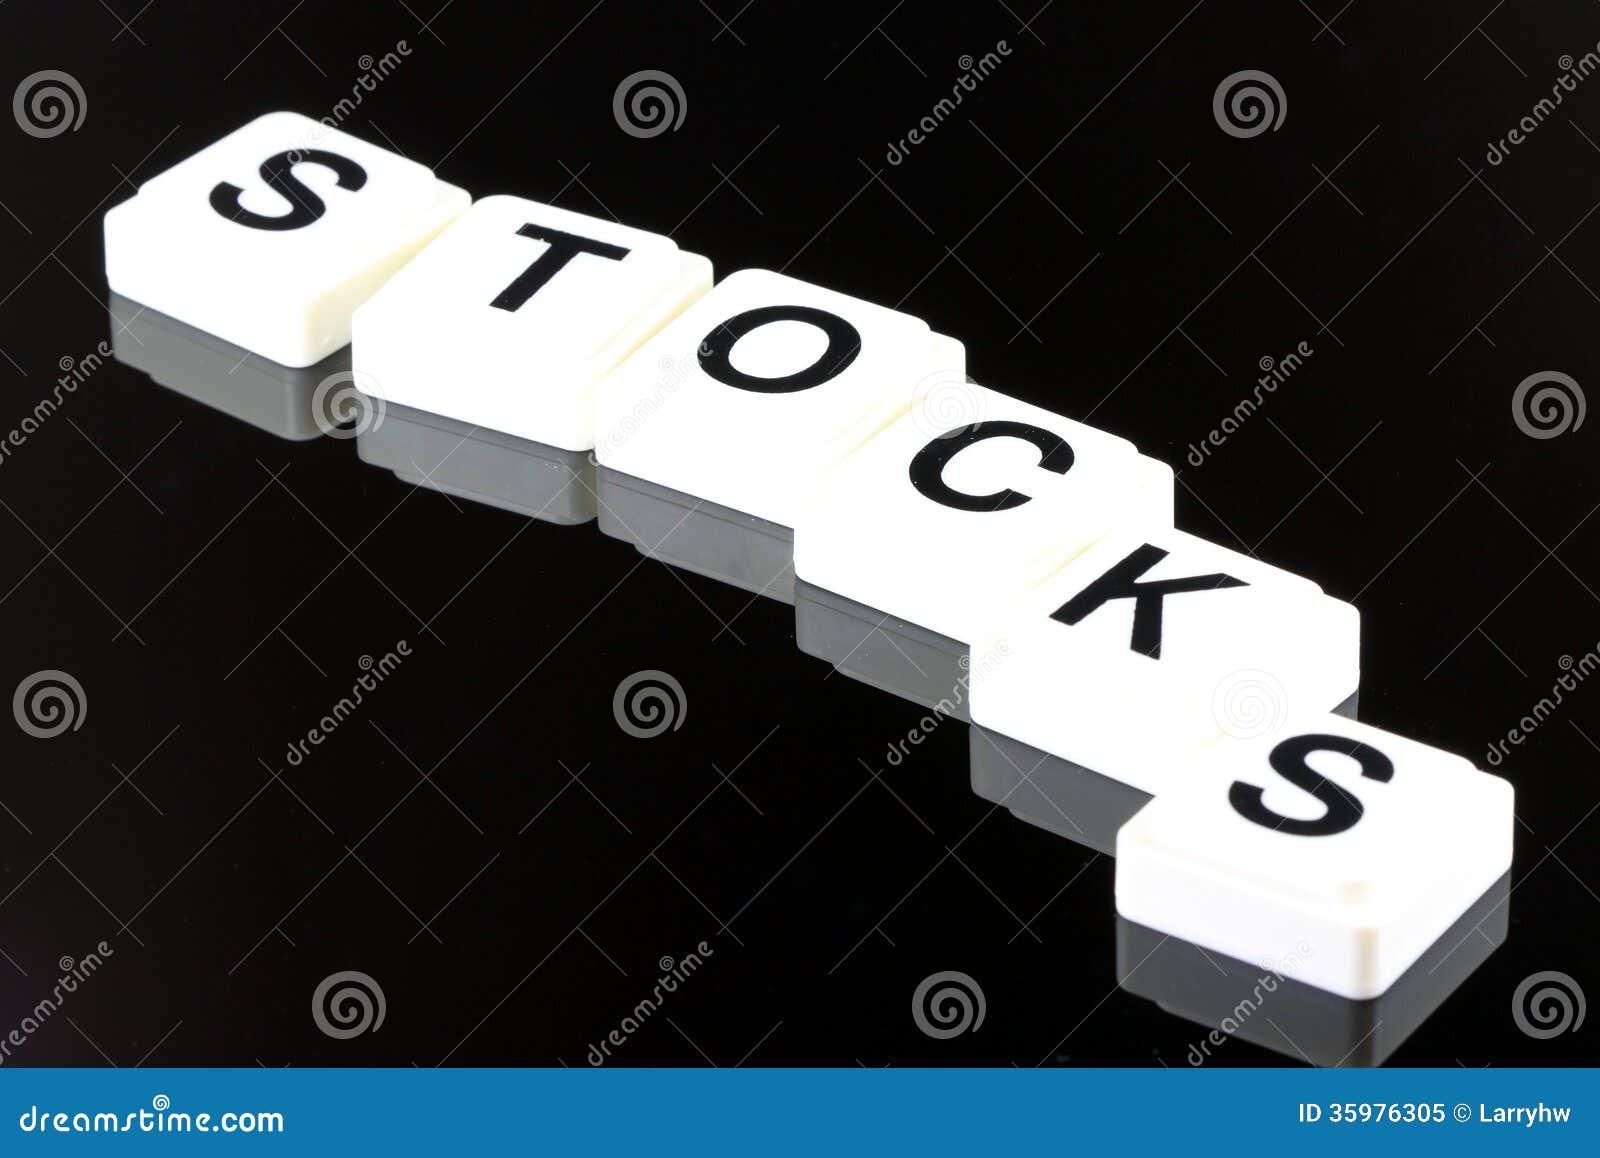 De Word Voorraden - een Termijn die voor Zaken in Financiën en Effectenbeurs Handel wordt gebruikt